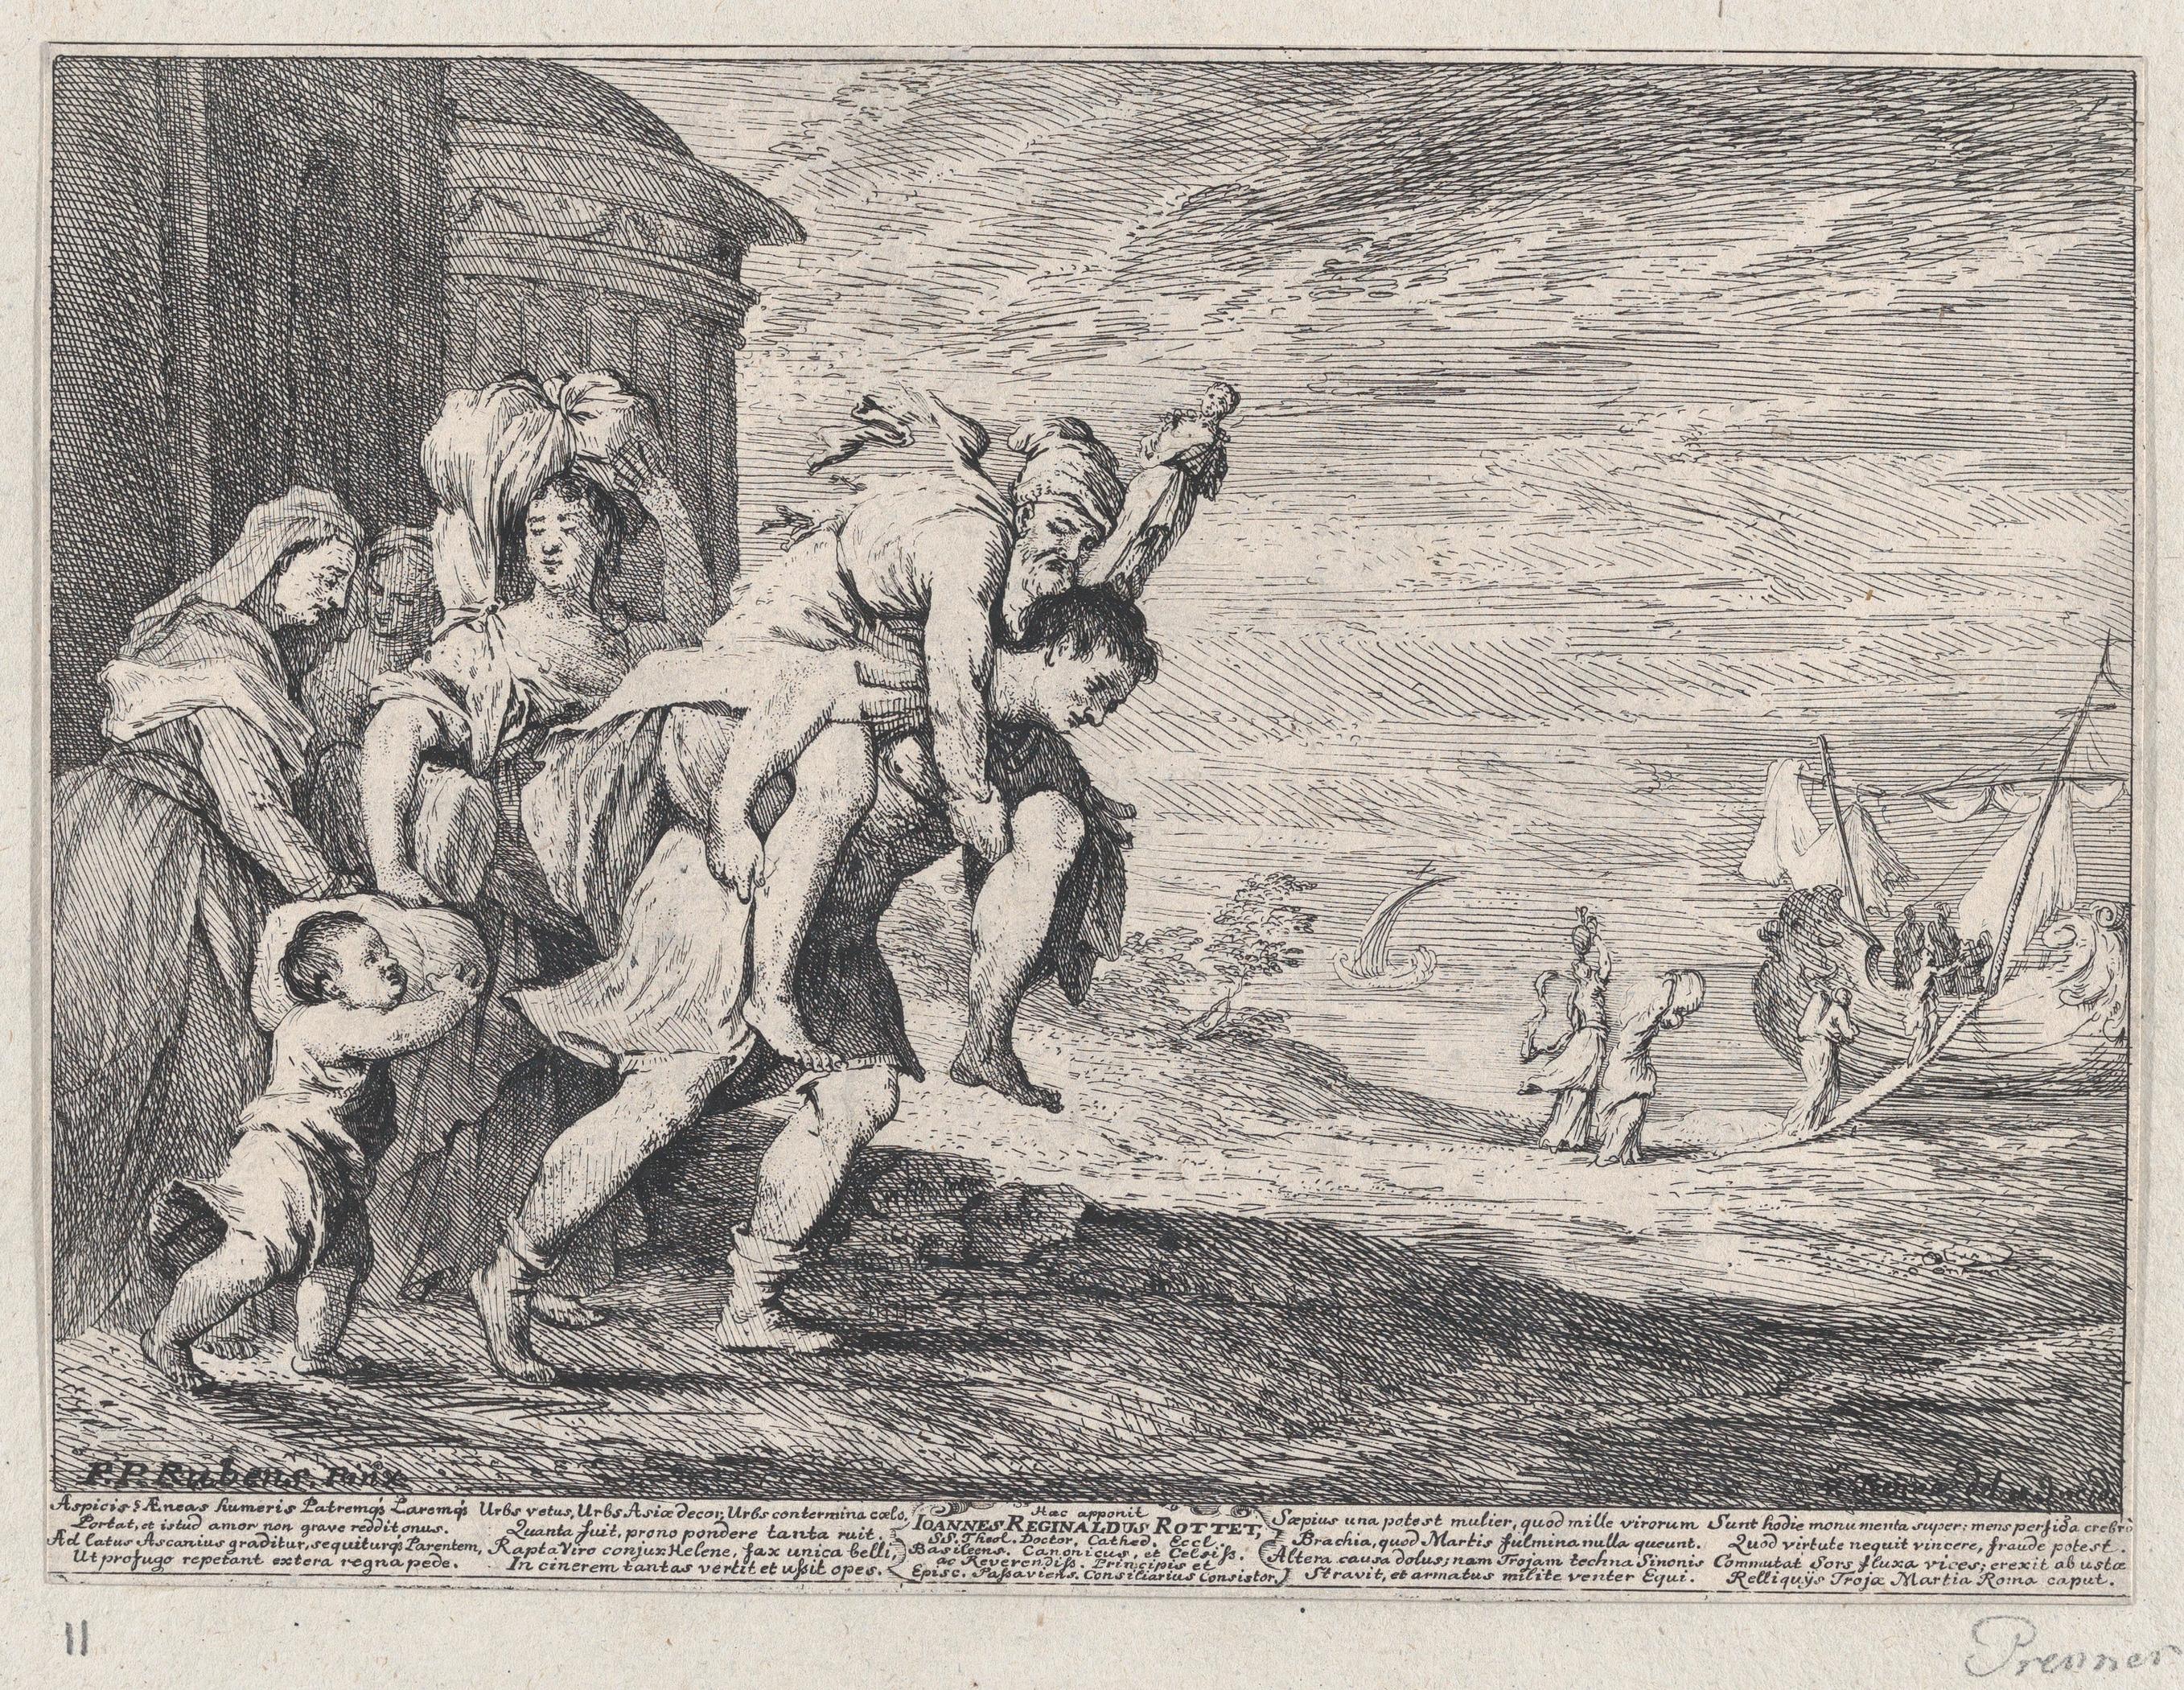 Aeneas 6 kişilik bir grupla Troya'dan kaçıyor. Sırtında babası Anchises'i taşıyor. Arkasında karısı Creusa ve oğlu Ascanius onu takip ediyor. Soldaki iki kişi ise köleler. 1728, Anton Joseph von Prenne